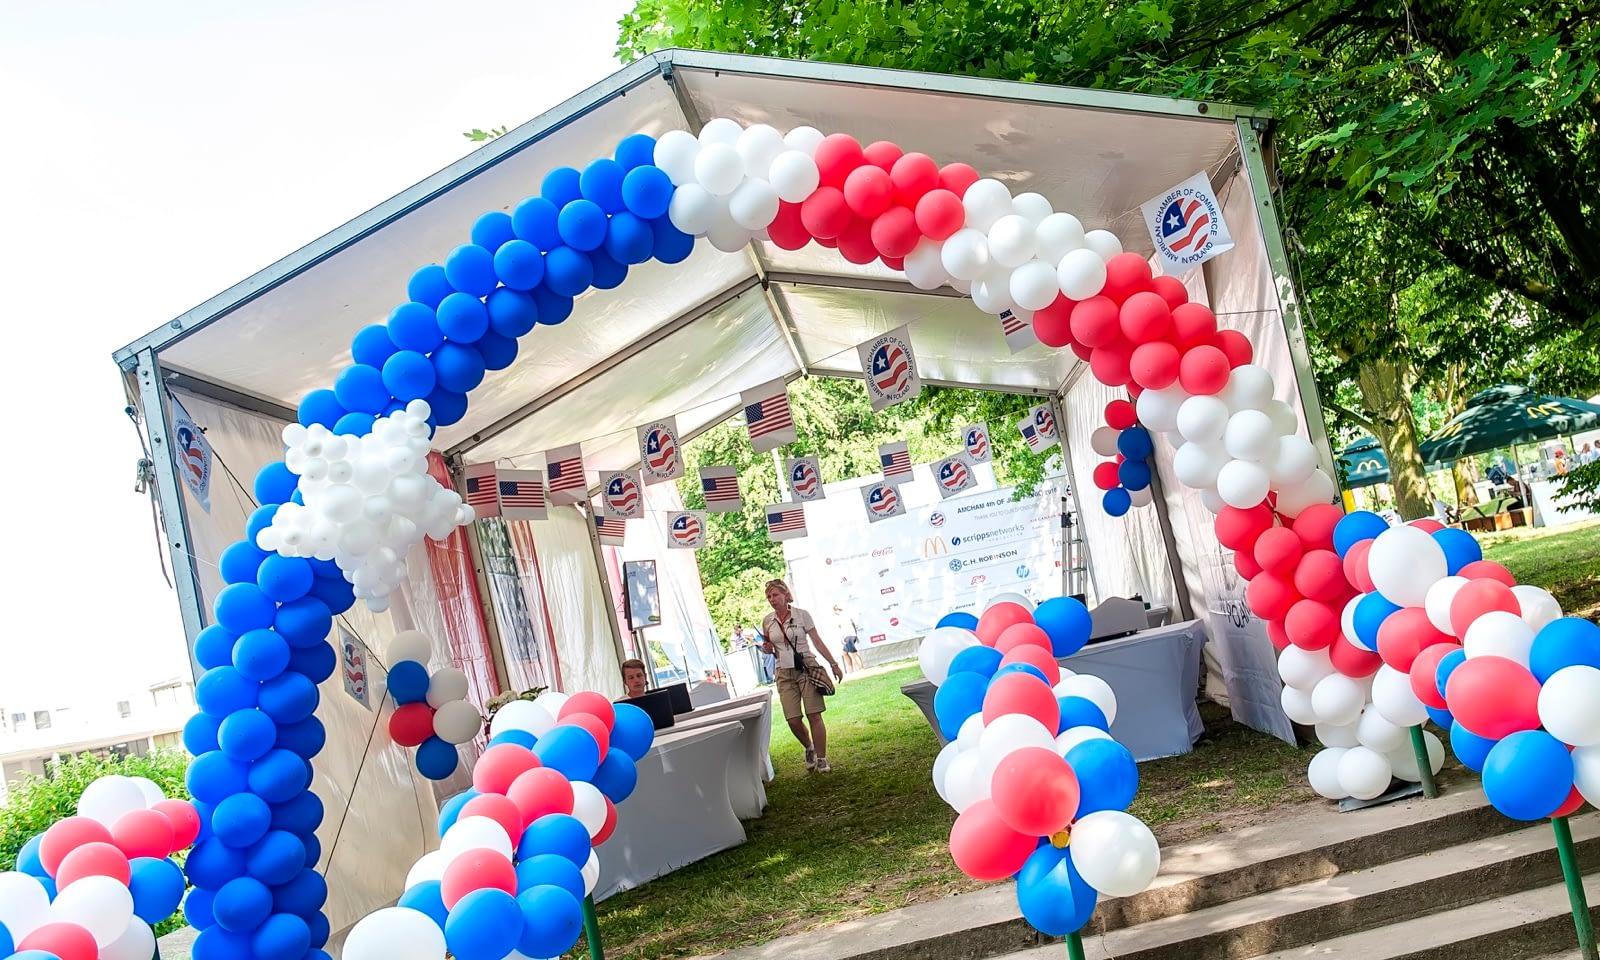 Piknik Amerykańskiej Izby Handlowej 2016 Brill AV Media